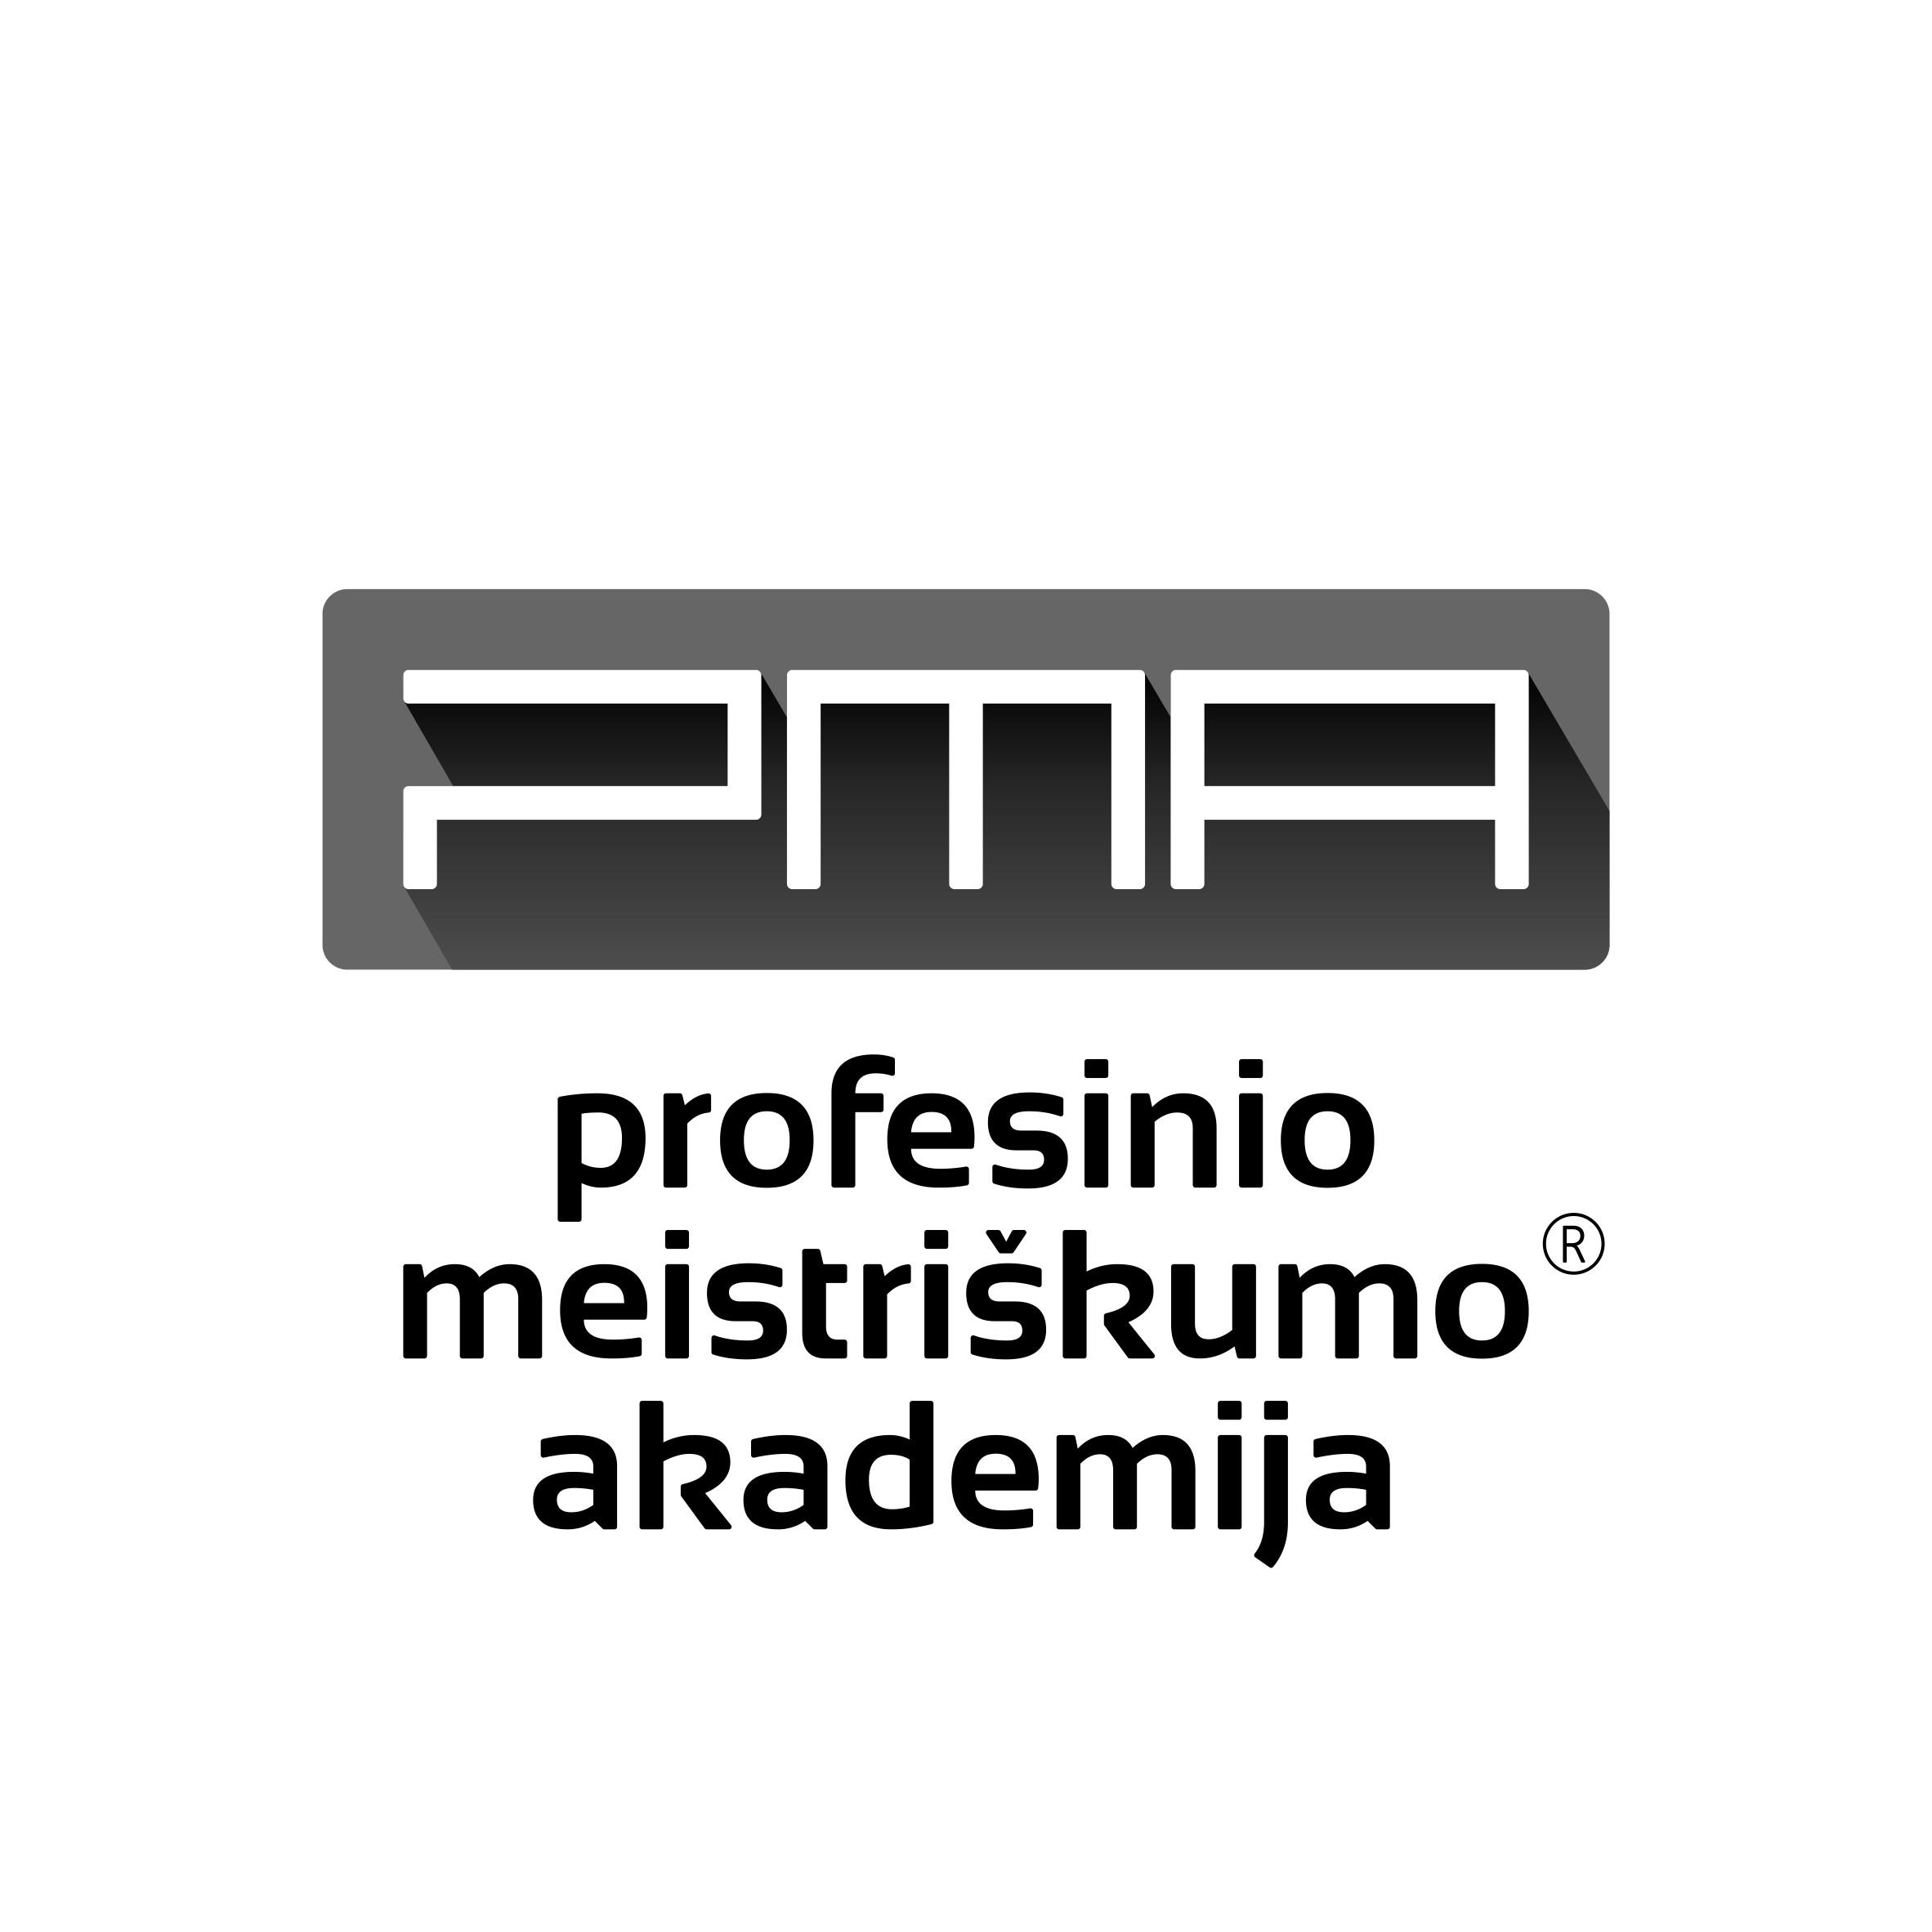 Profesinio meistriškumo akademija